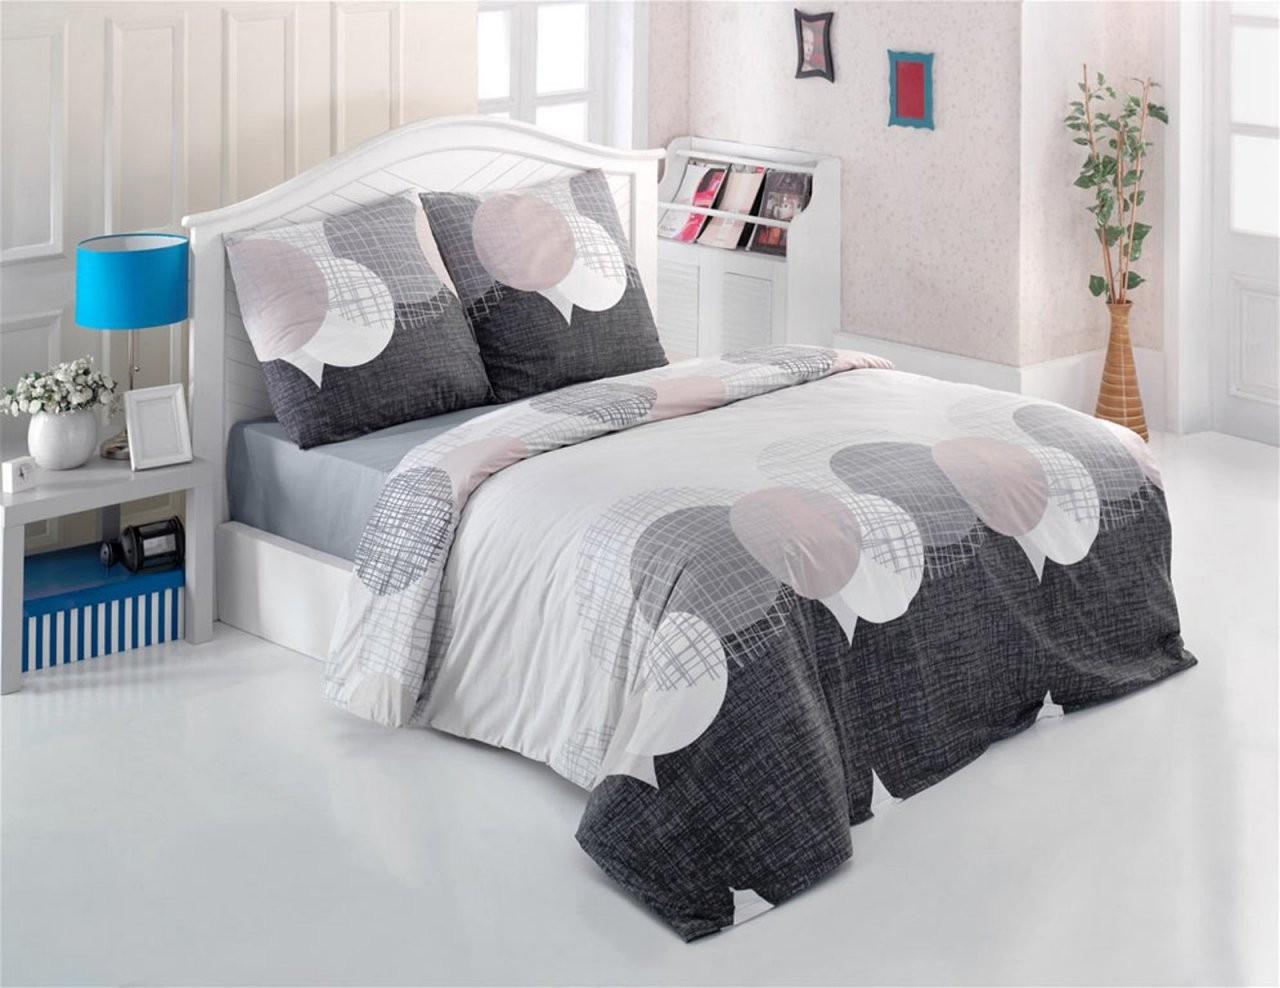 Bettwäsche 155X220 Baumwolle Renforce Mit Reißverschluss 2 Teilig L von Bettwäsche 155X220 Jersey Reißverschluss Photo